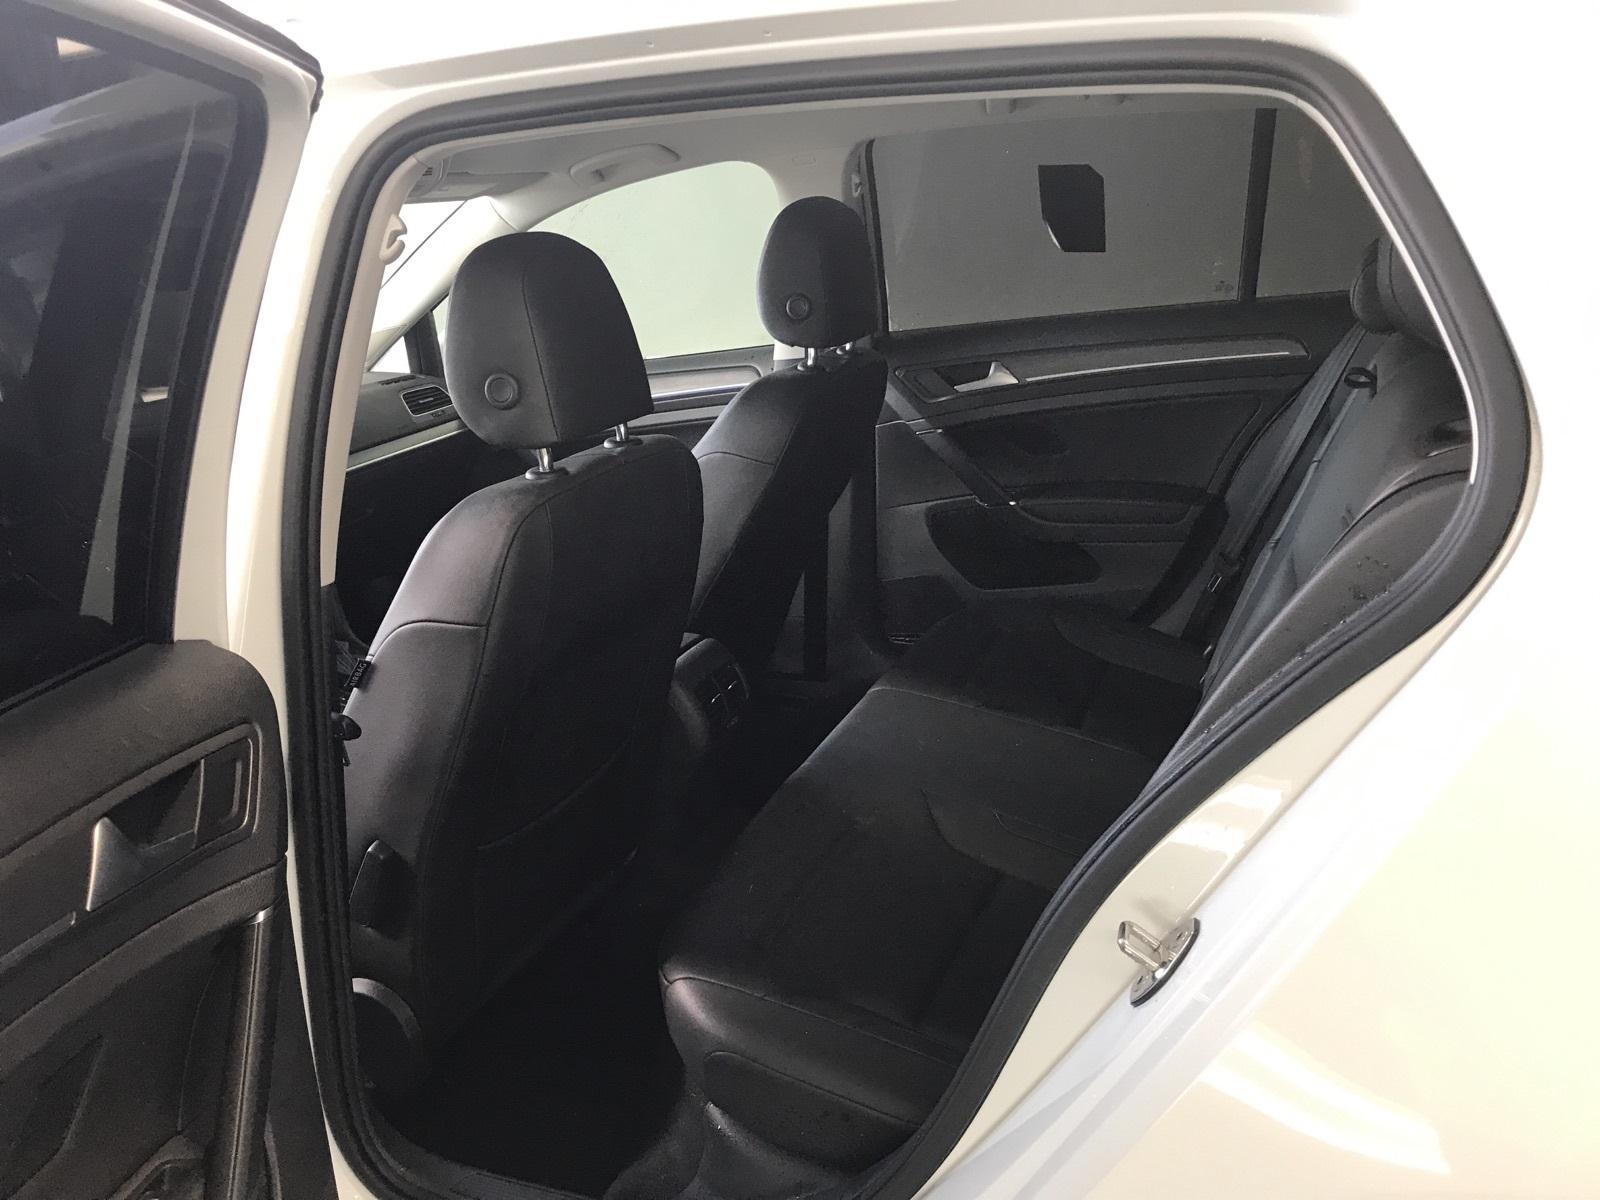 http://autocredit.com.ua/electro-cars/uploads/6/21-02-20/9d3s7H_J3XkGAFStZ.jpeg